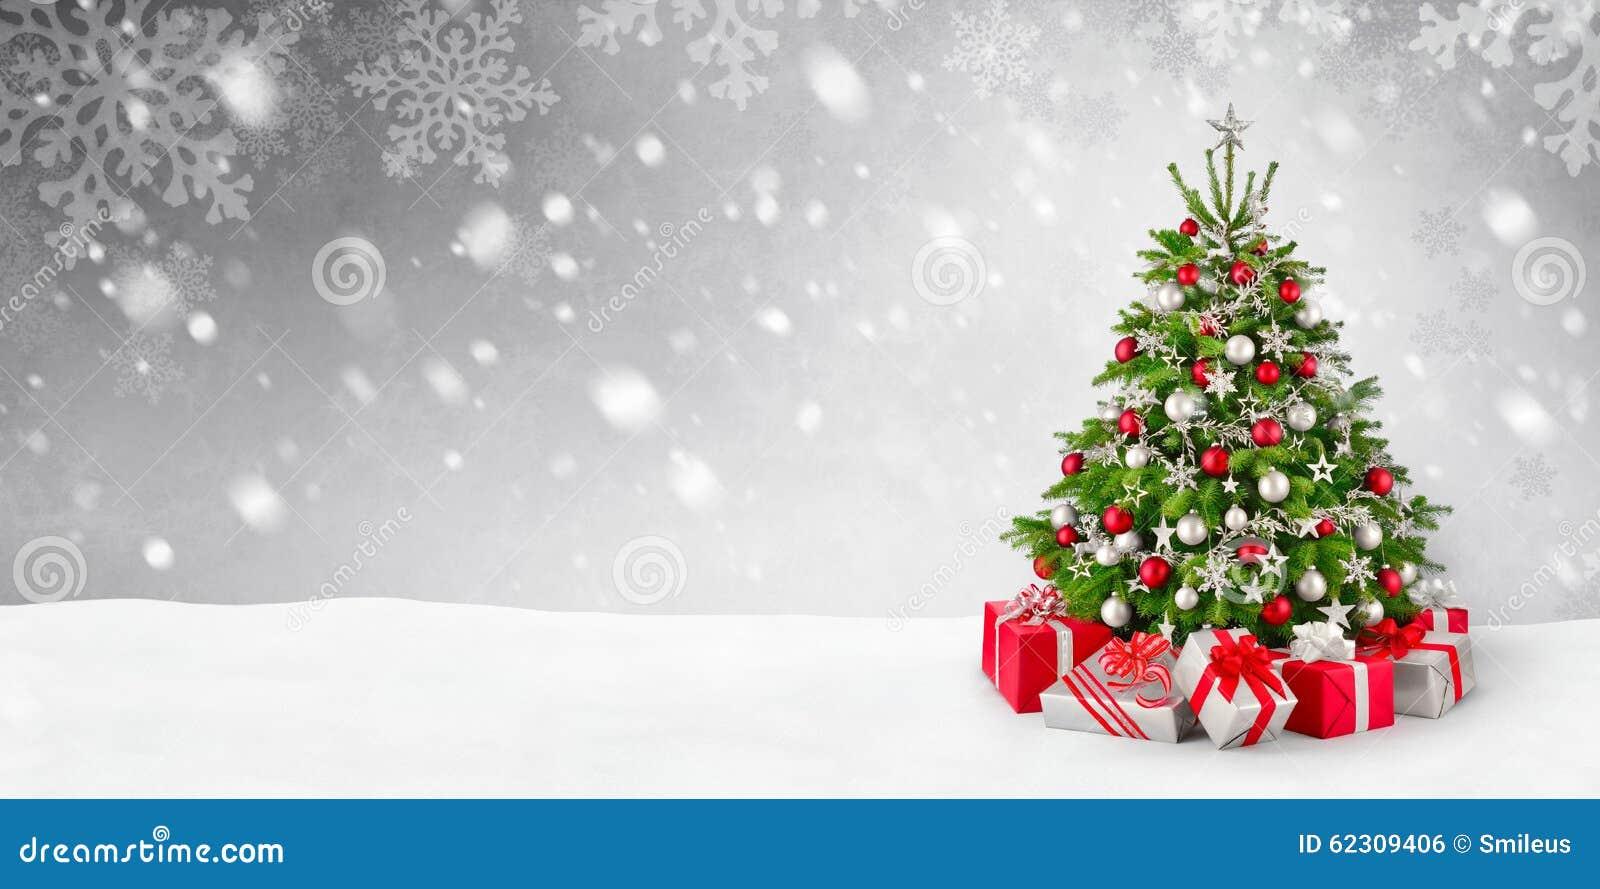 Fondo del árbol de navidad y de la nieve